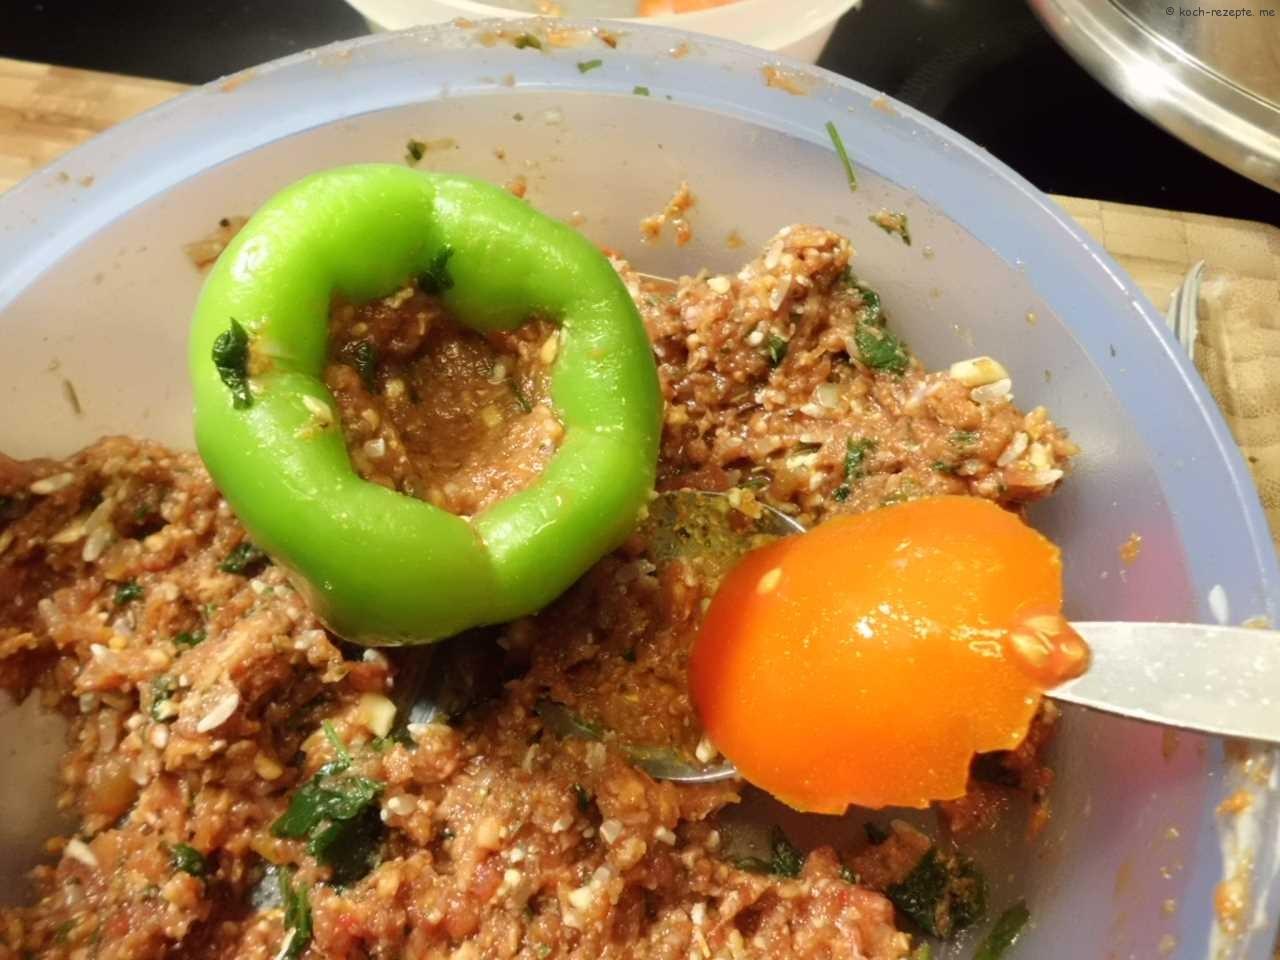 Paprika füllen und mit Tomatenschale schließen